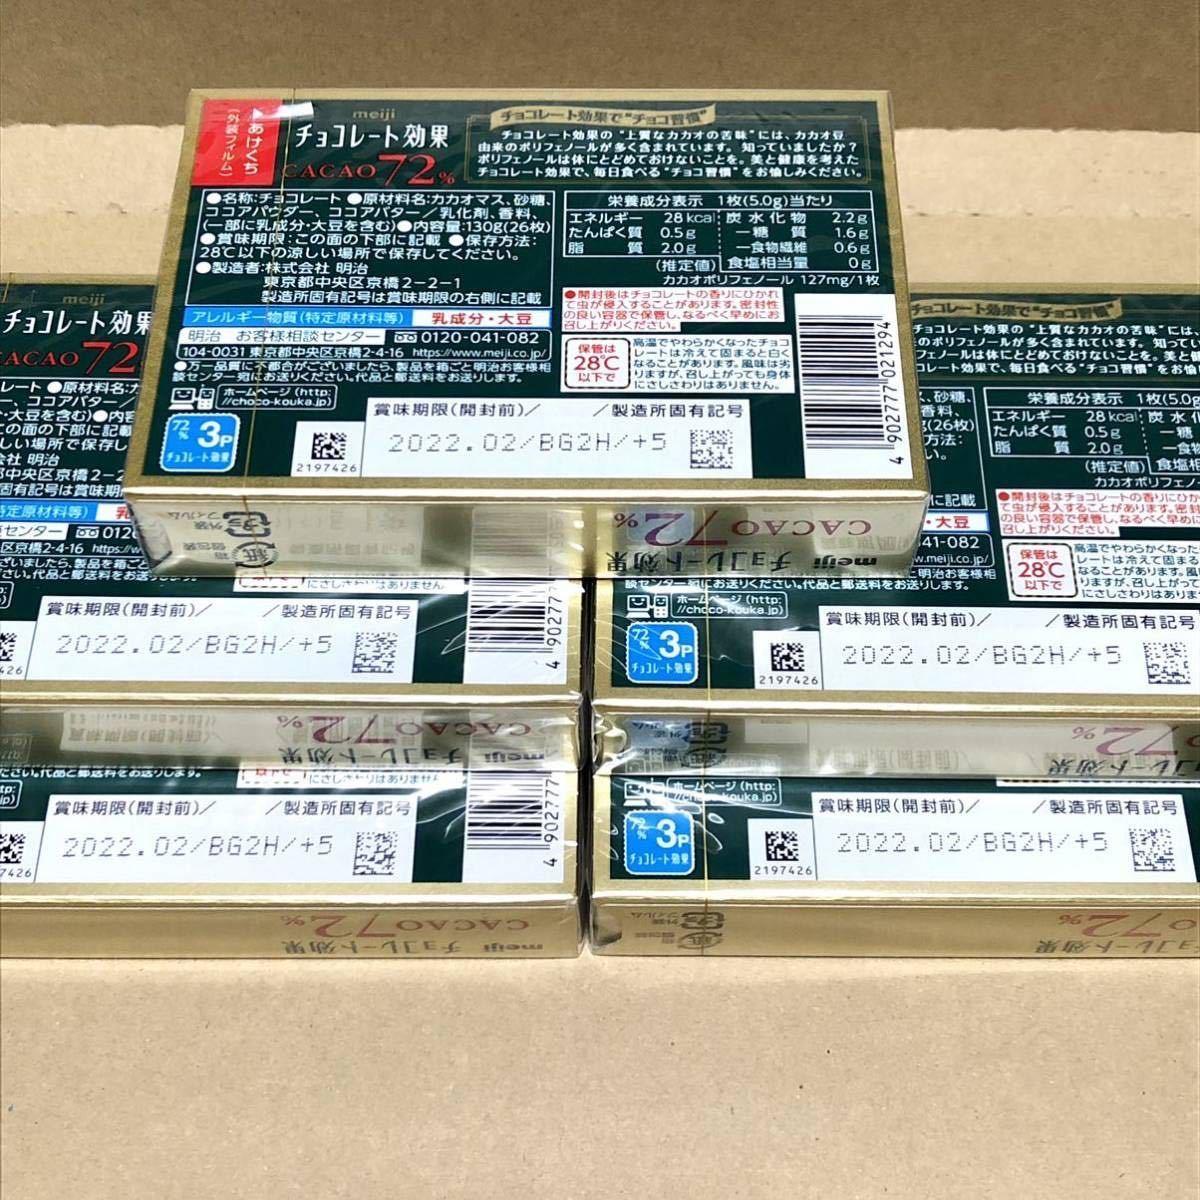 チョコレート効果 5箱 明治 カカオ 72% 大量 クーポン利用 Meiji お菓子詰め合わせ_画像2